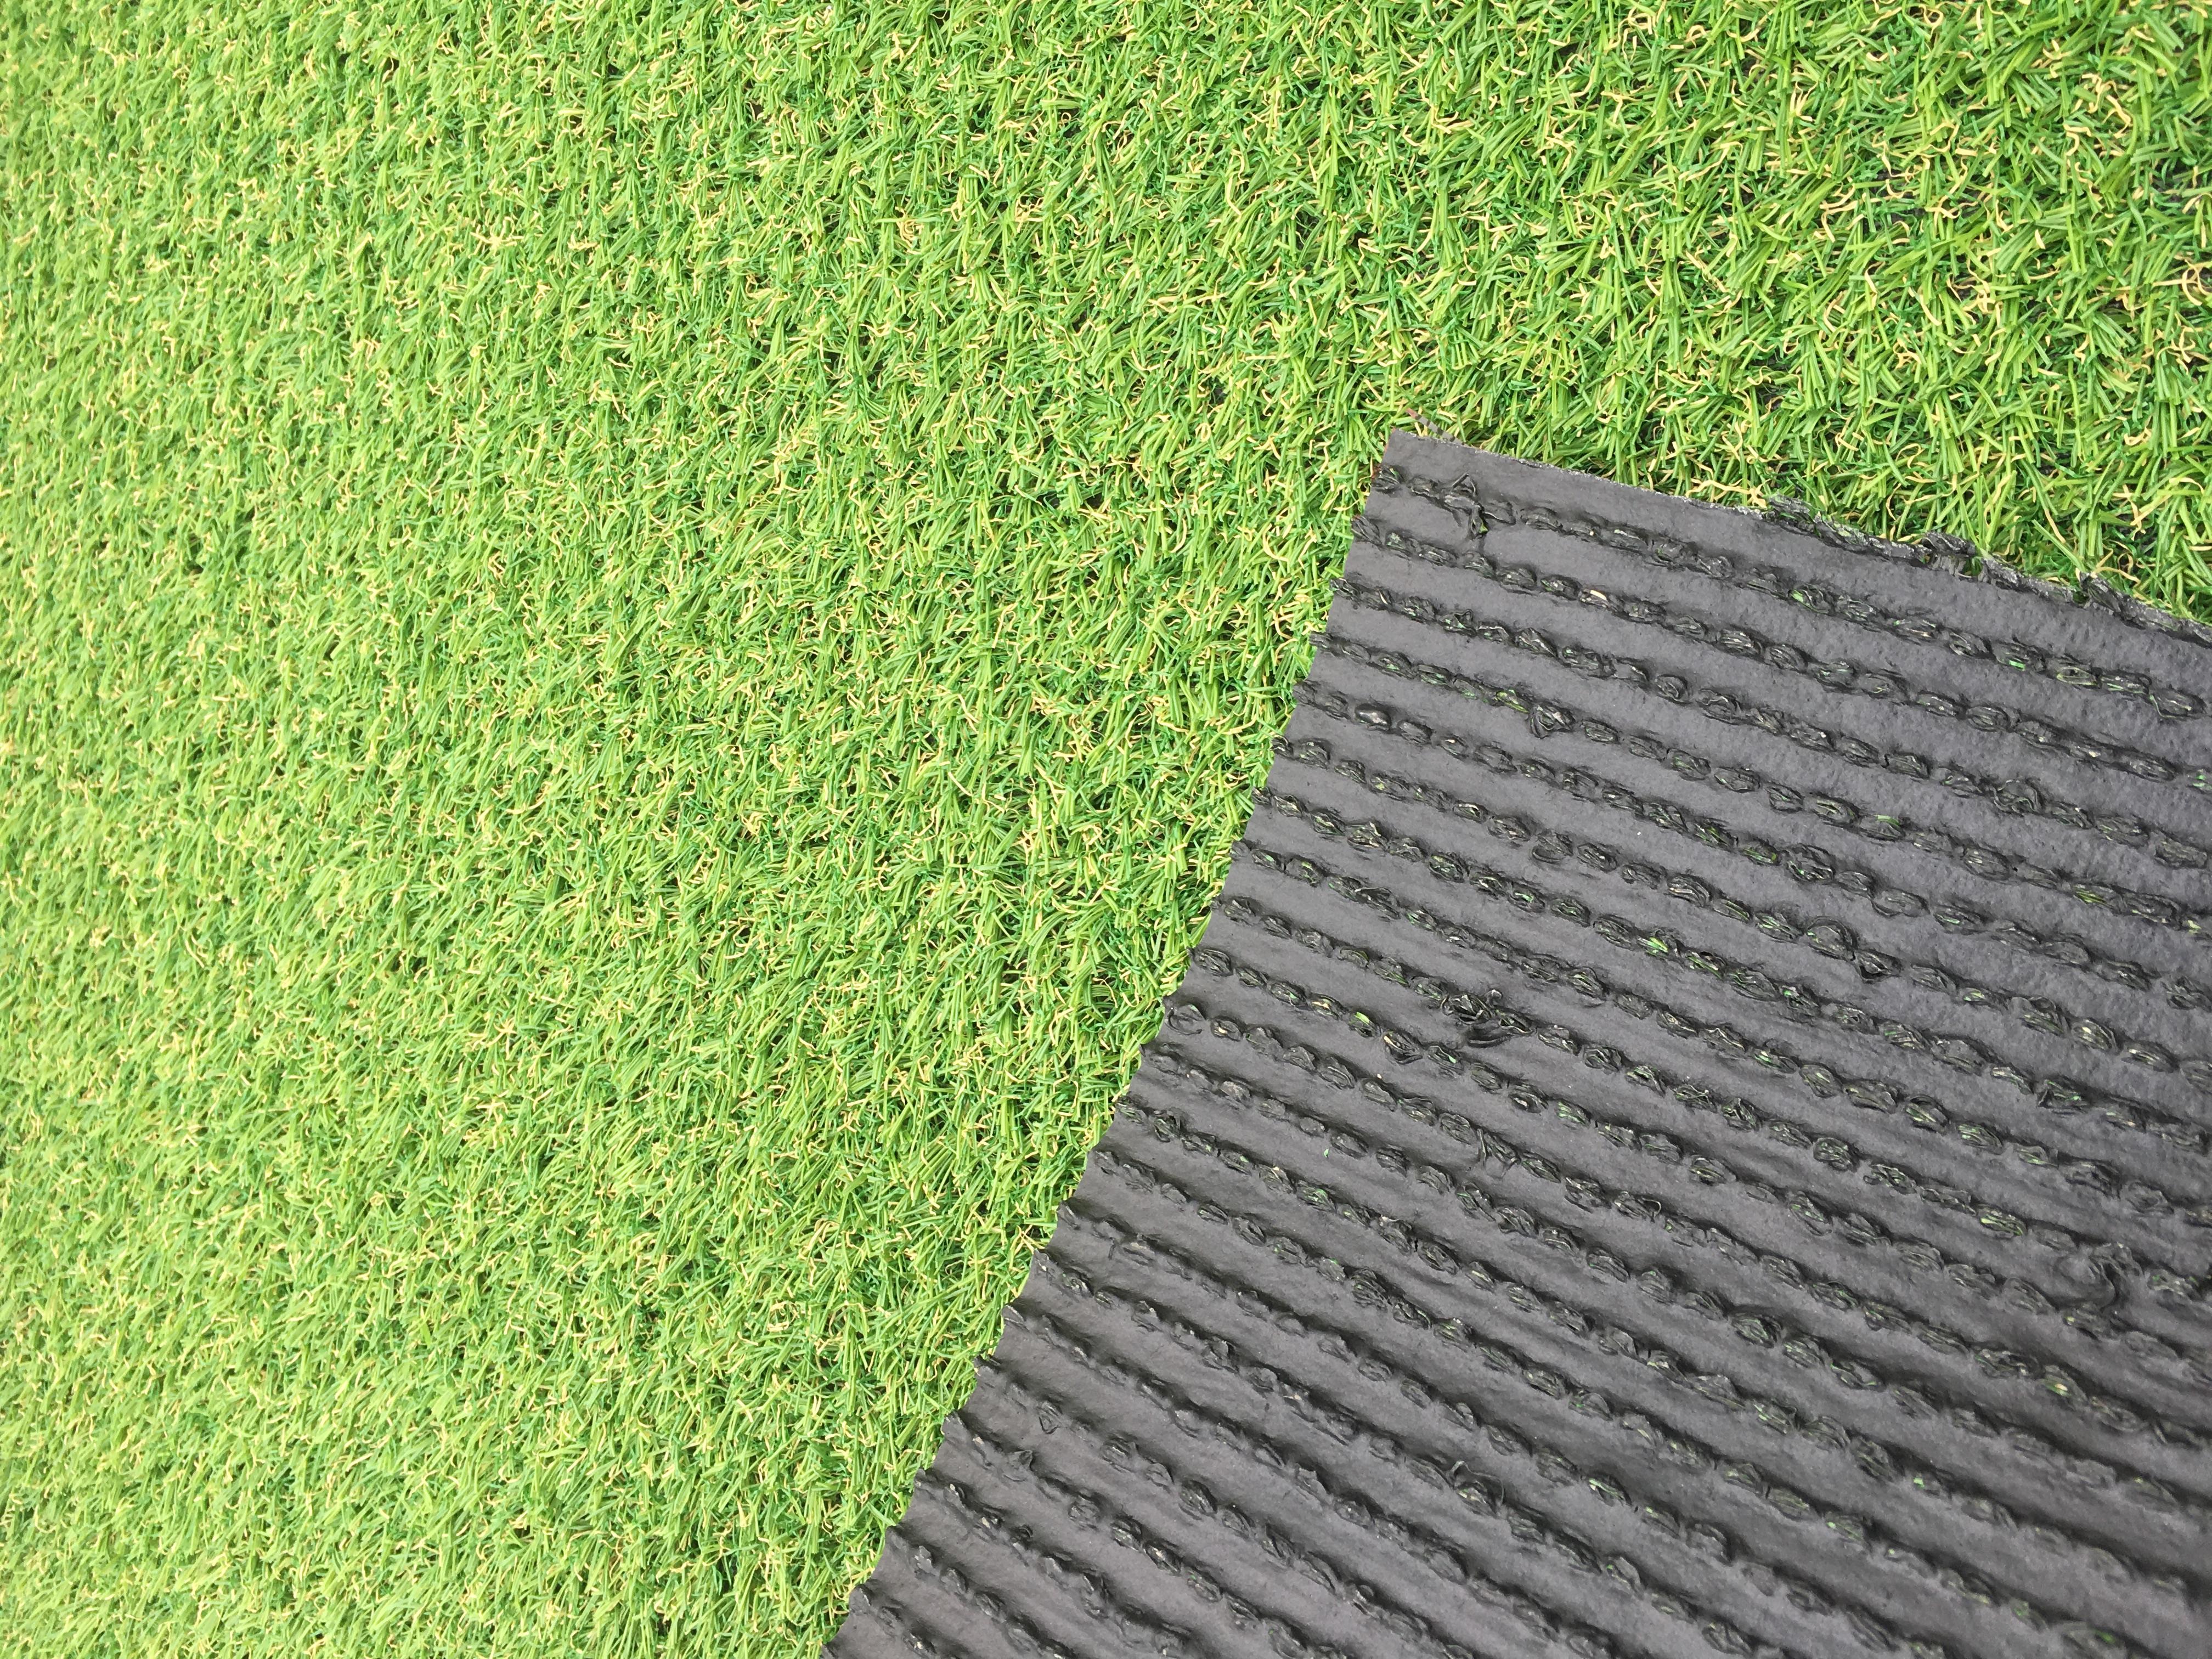 Covor Iarba Artificiala, Tip Gazon, Verde, Natura, 100% Polipropilena, 10 mm, 200x400 cm3